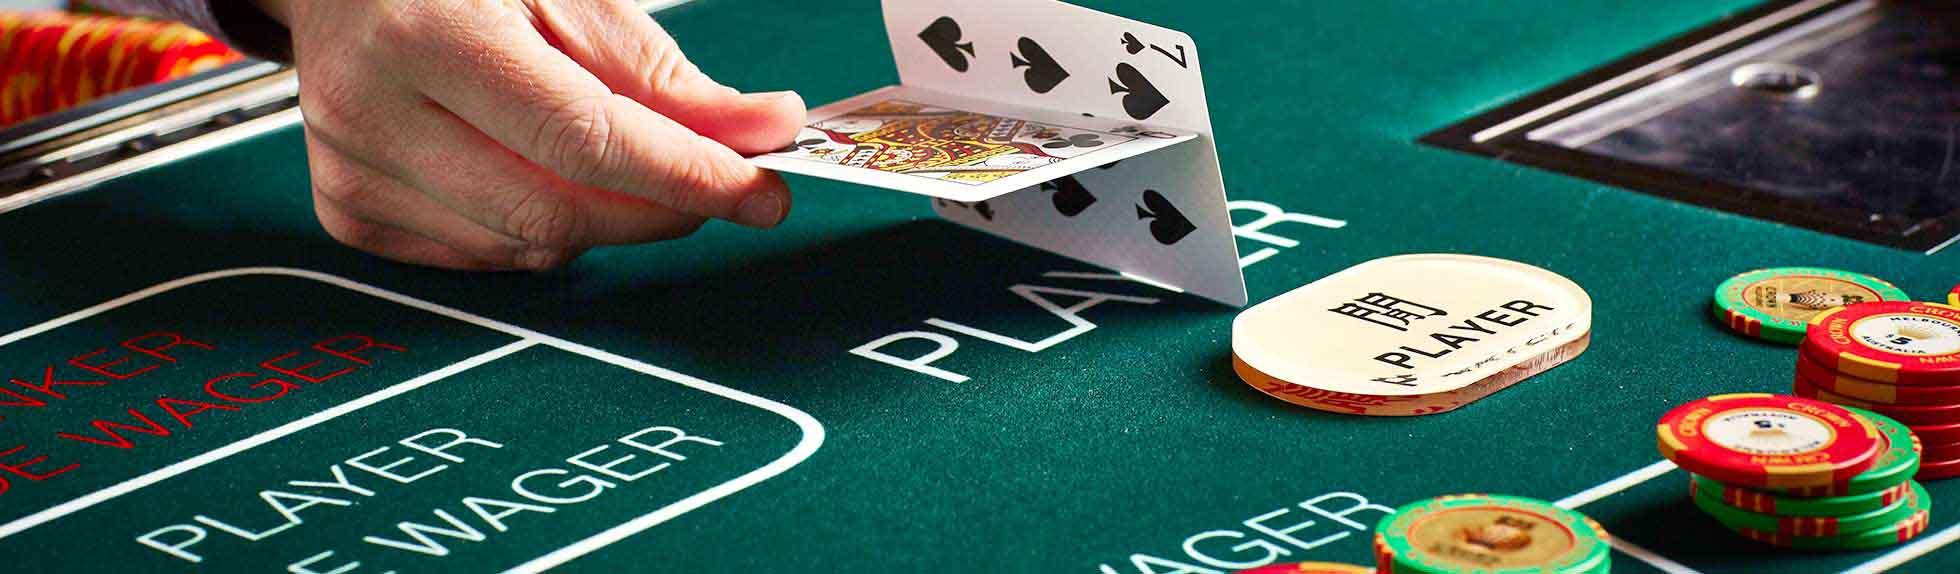 Casino en ligne : profitez du jeu!